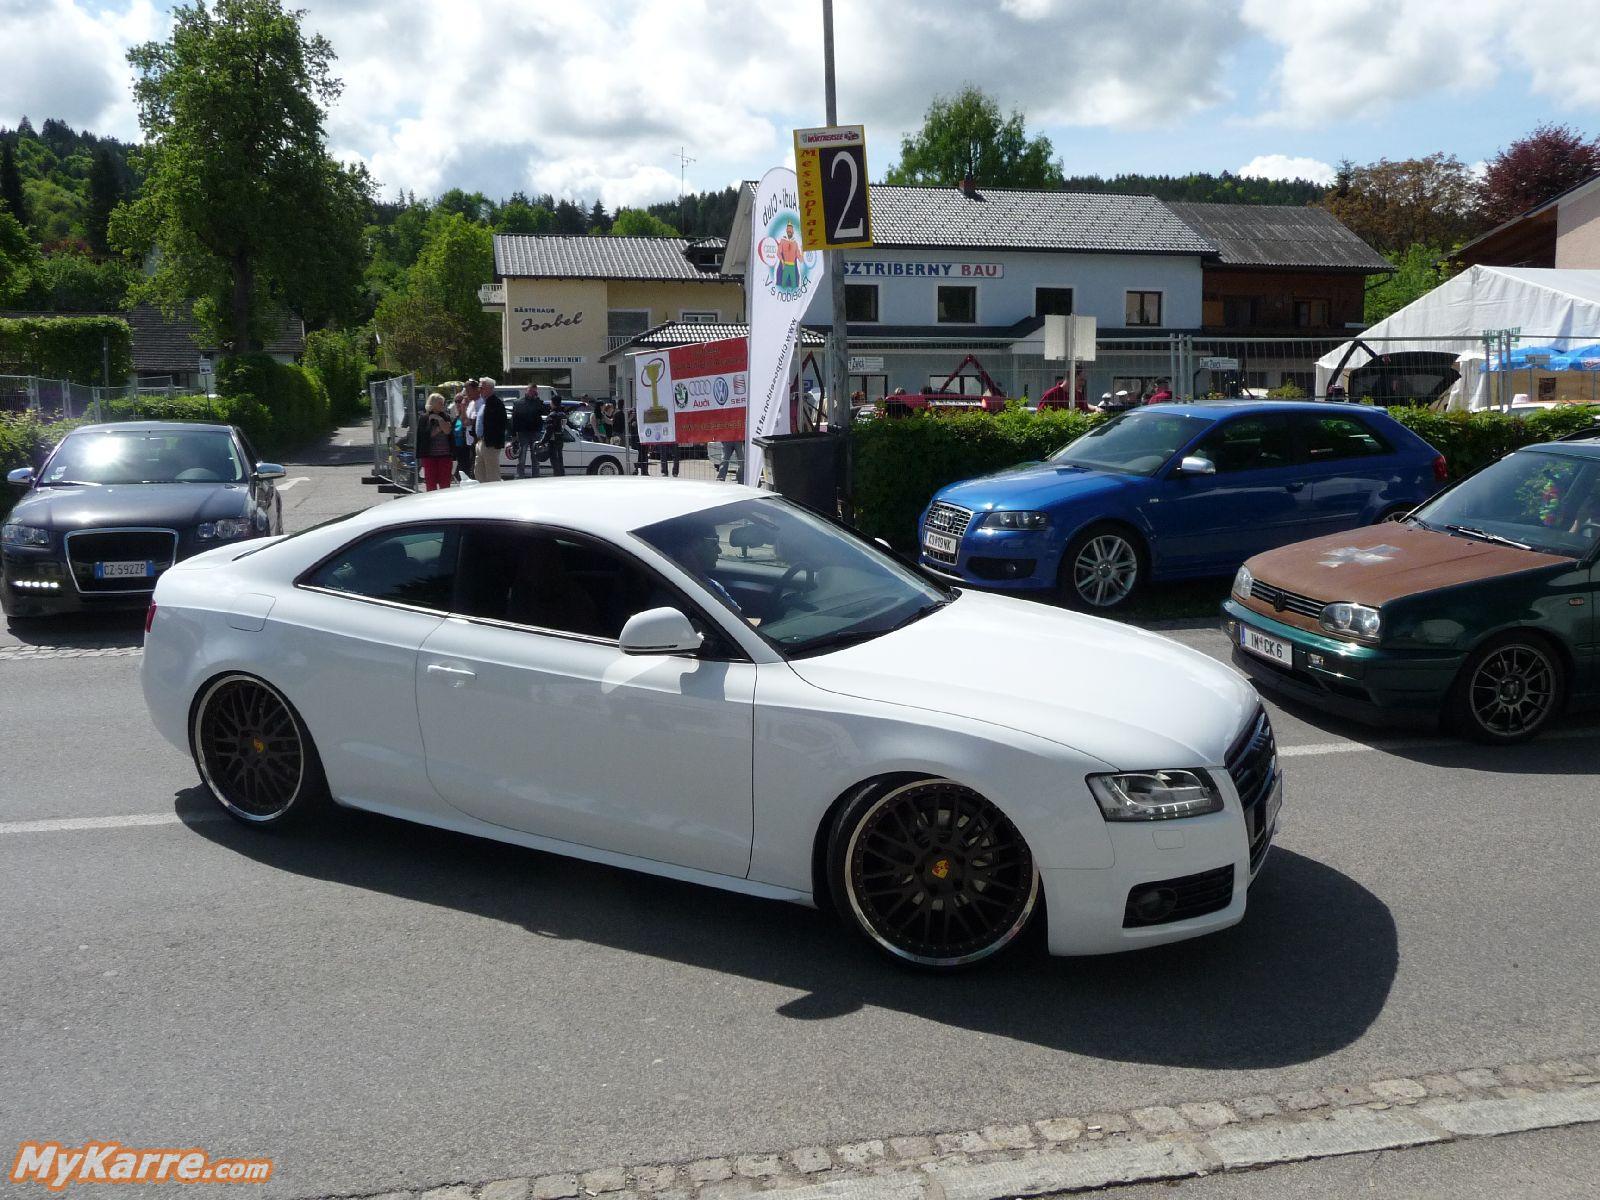 Audi a5 at